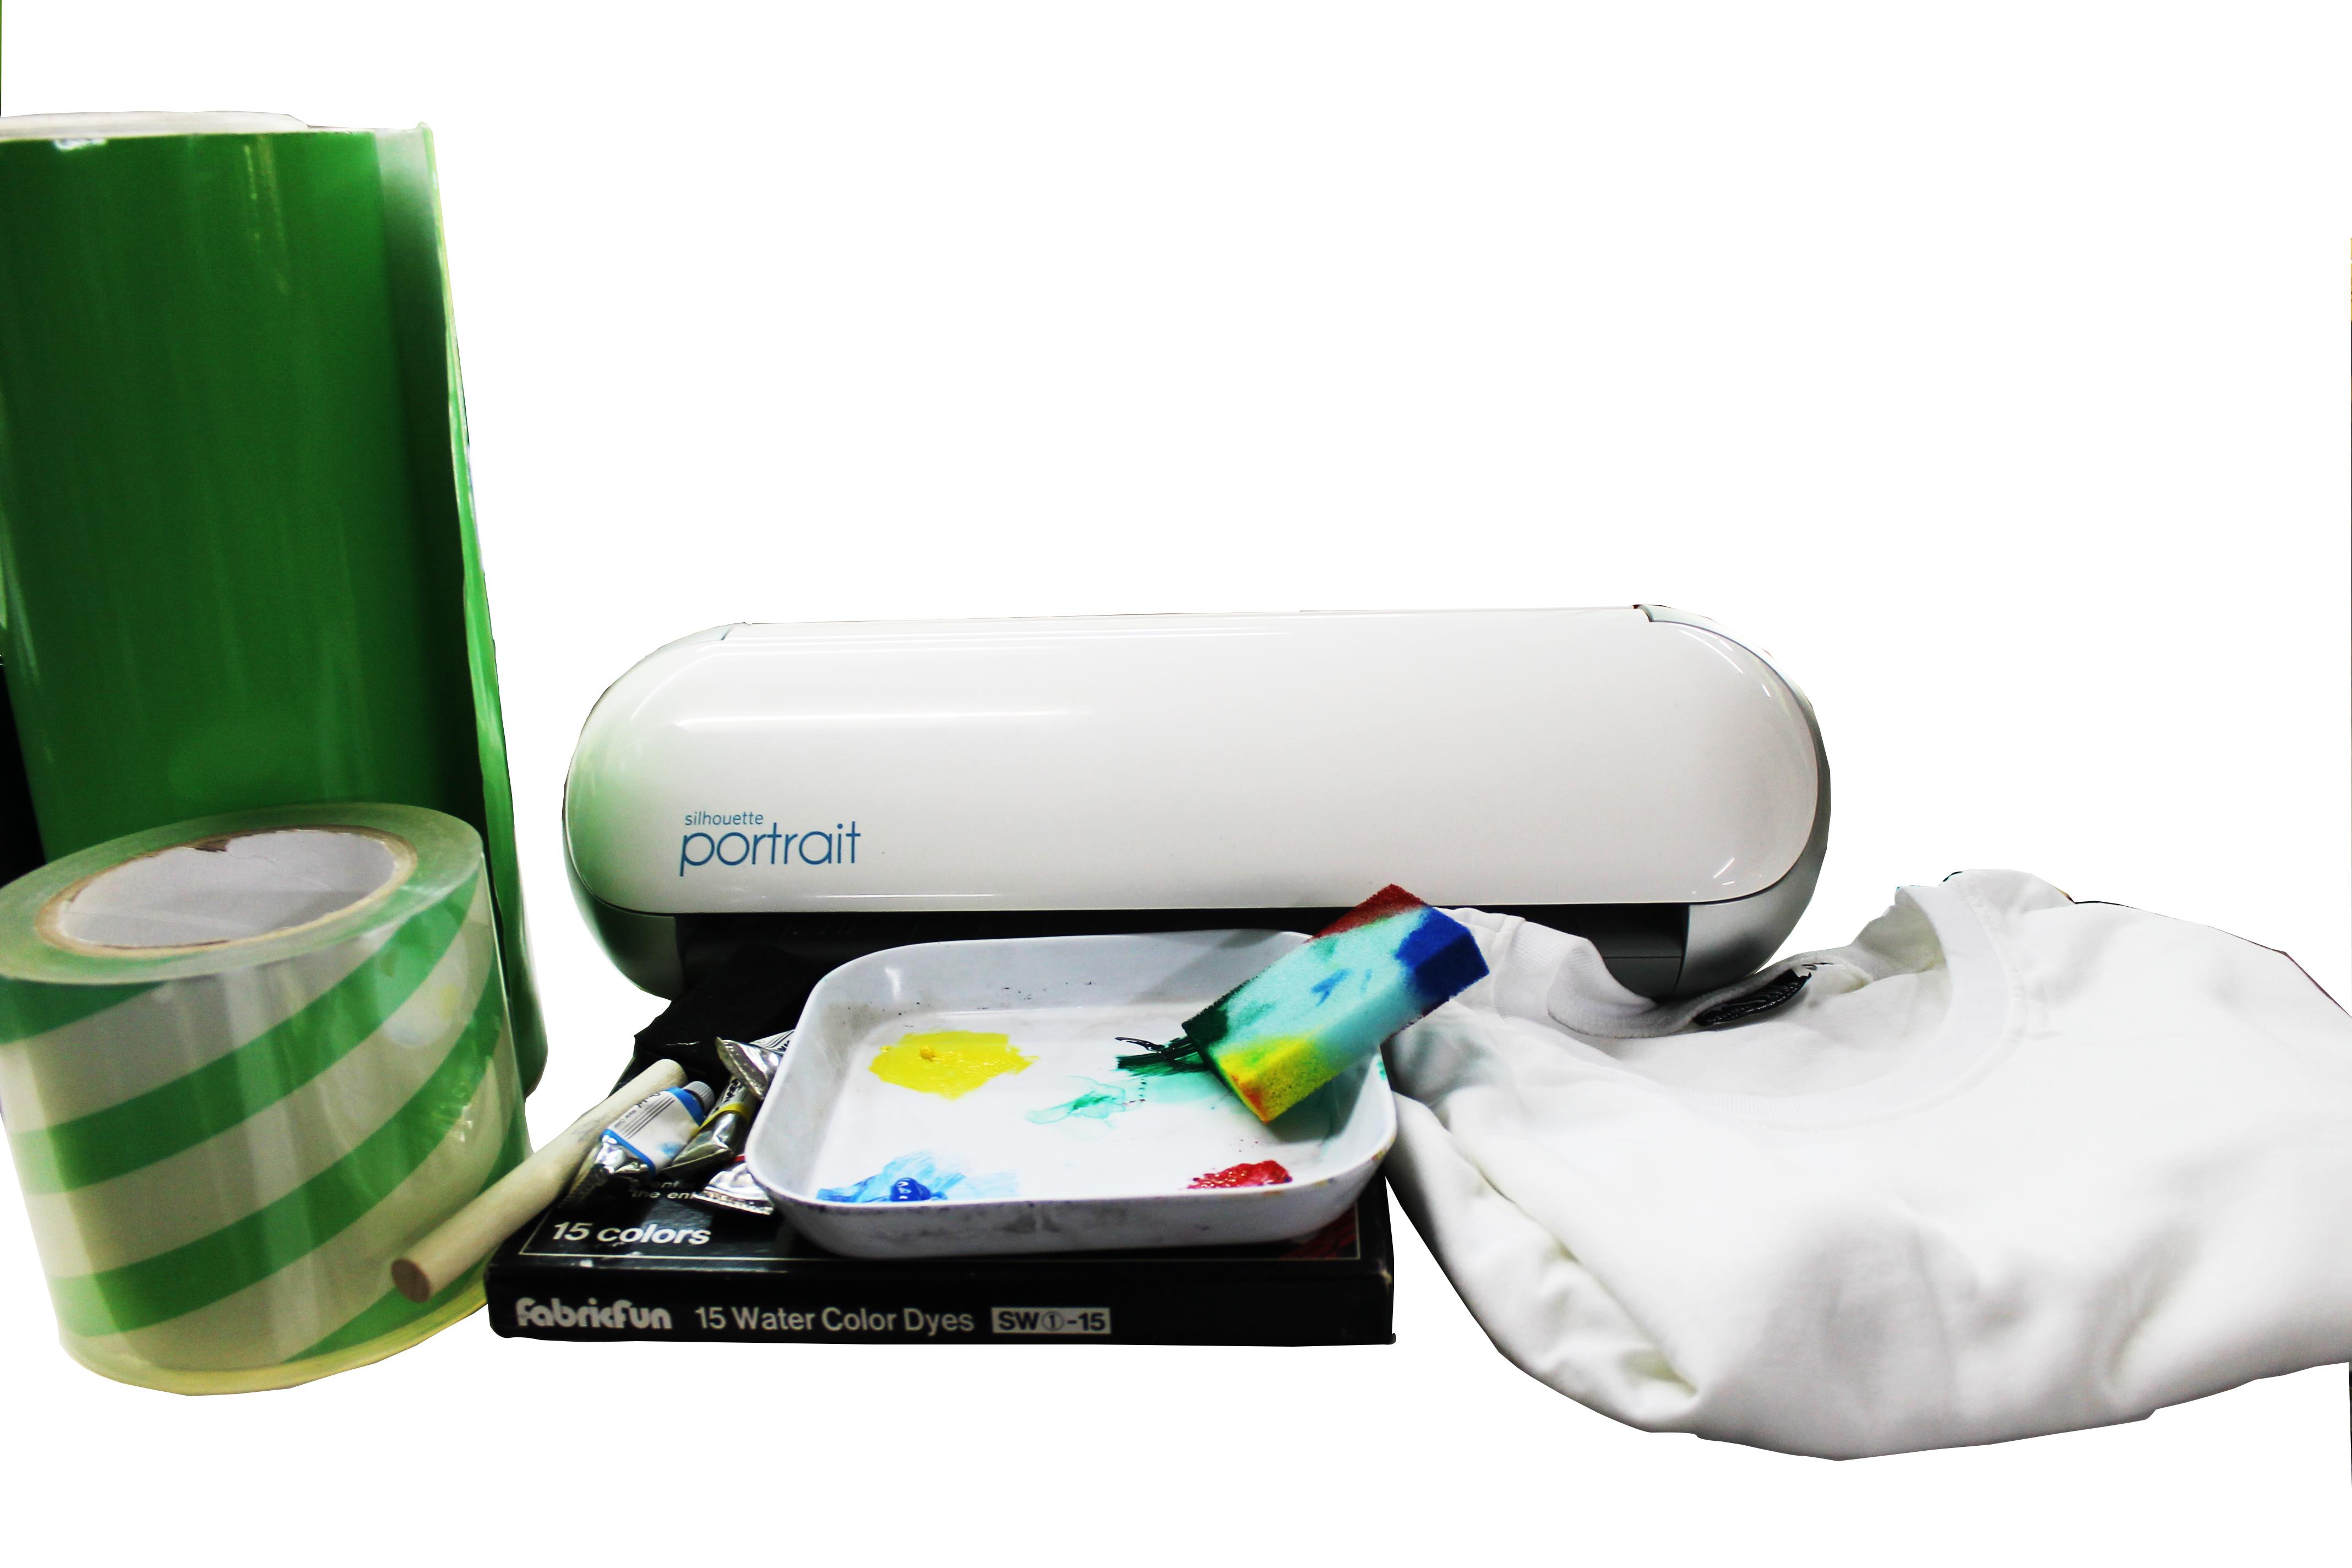 เครื่องทําสติ๊กเกอร์, เครื่องตัดสติกเกอร์, ติ๊กเกอร์สินค้า , เครื่องพิมพ์สติ๊กเกอร์,cut machine,Silhouette Portrait,ตัดสติ๊กเกอร์ไดคัท